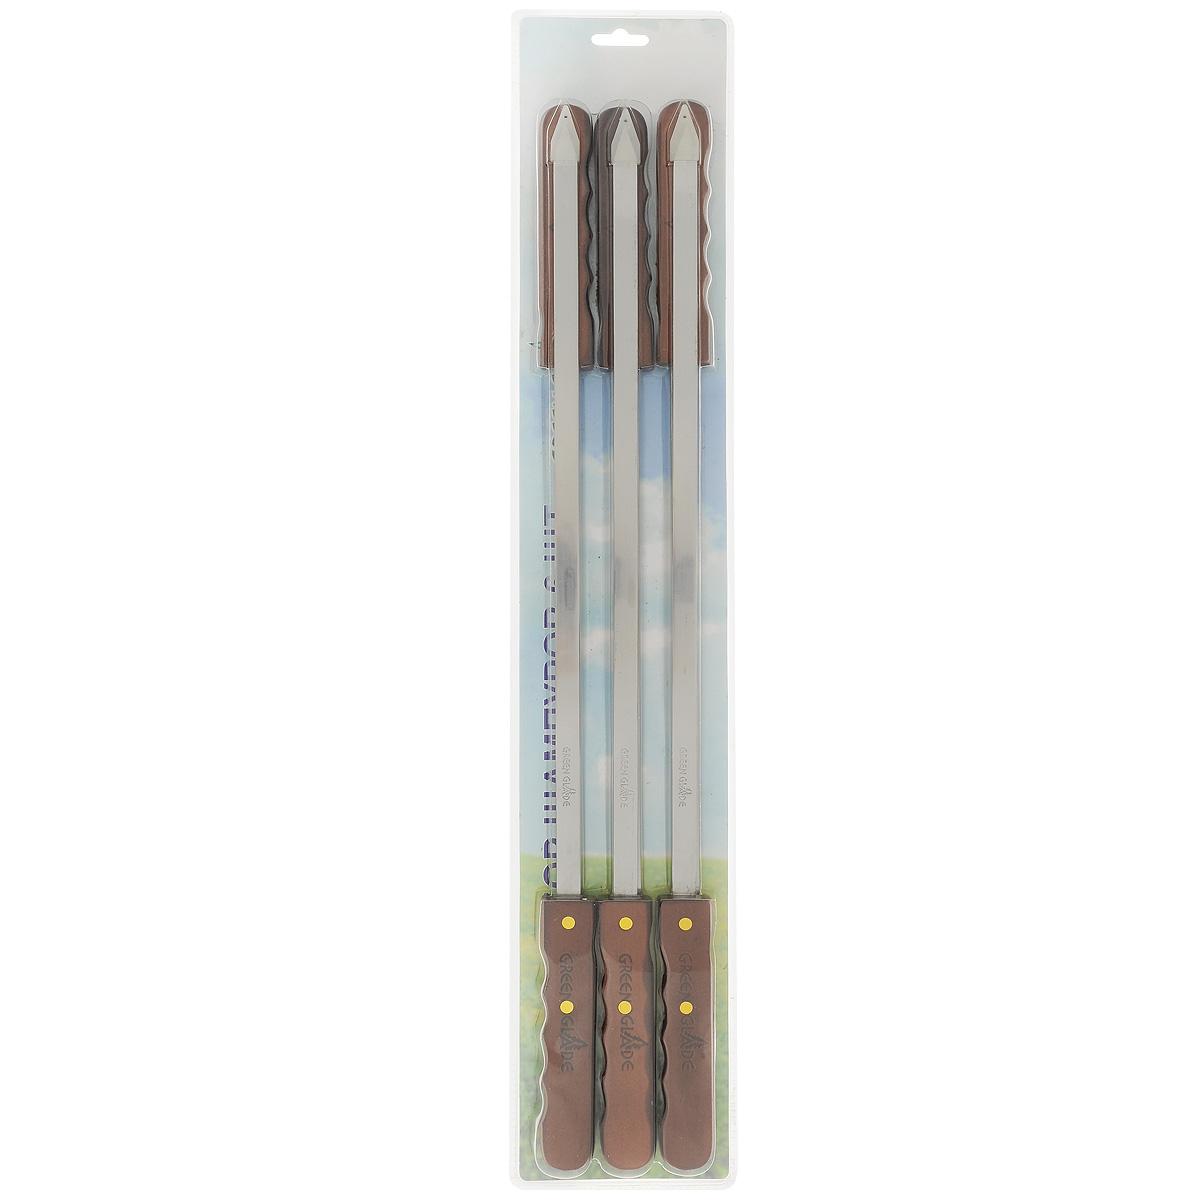 Набор шампуров Green Glade, длина 60 см, 6 шт5091Набор Green Glade состоит из 6 шампуров, предназначенных для приготовления шашлыка. Лезвия выполнены из высококачественной пищевой нержавеющей стали, а рукоятки изготовлены из дерева. Функциональный и качественный набор шампуров поможет вам в приготовлении вкусного шашлыка. Длина шампура: 60 см. Ширина лезвия: 1 см. Толщина лезвия: 0,15 см. Комплектация: 6 шт.